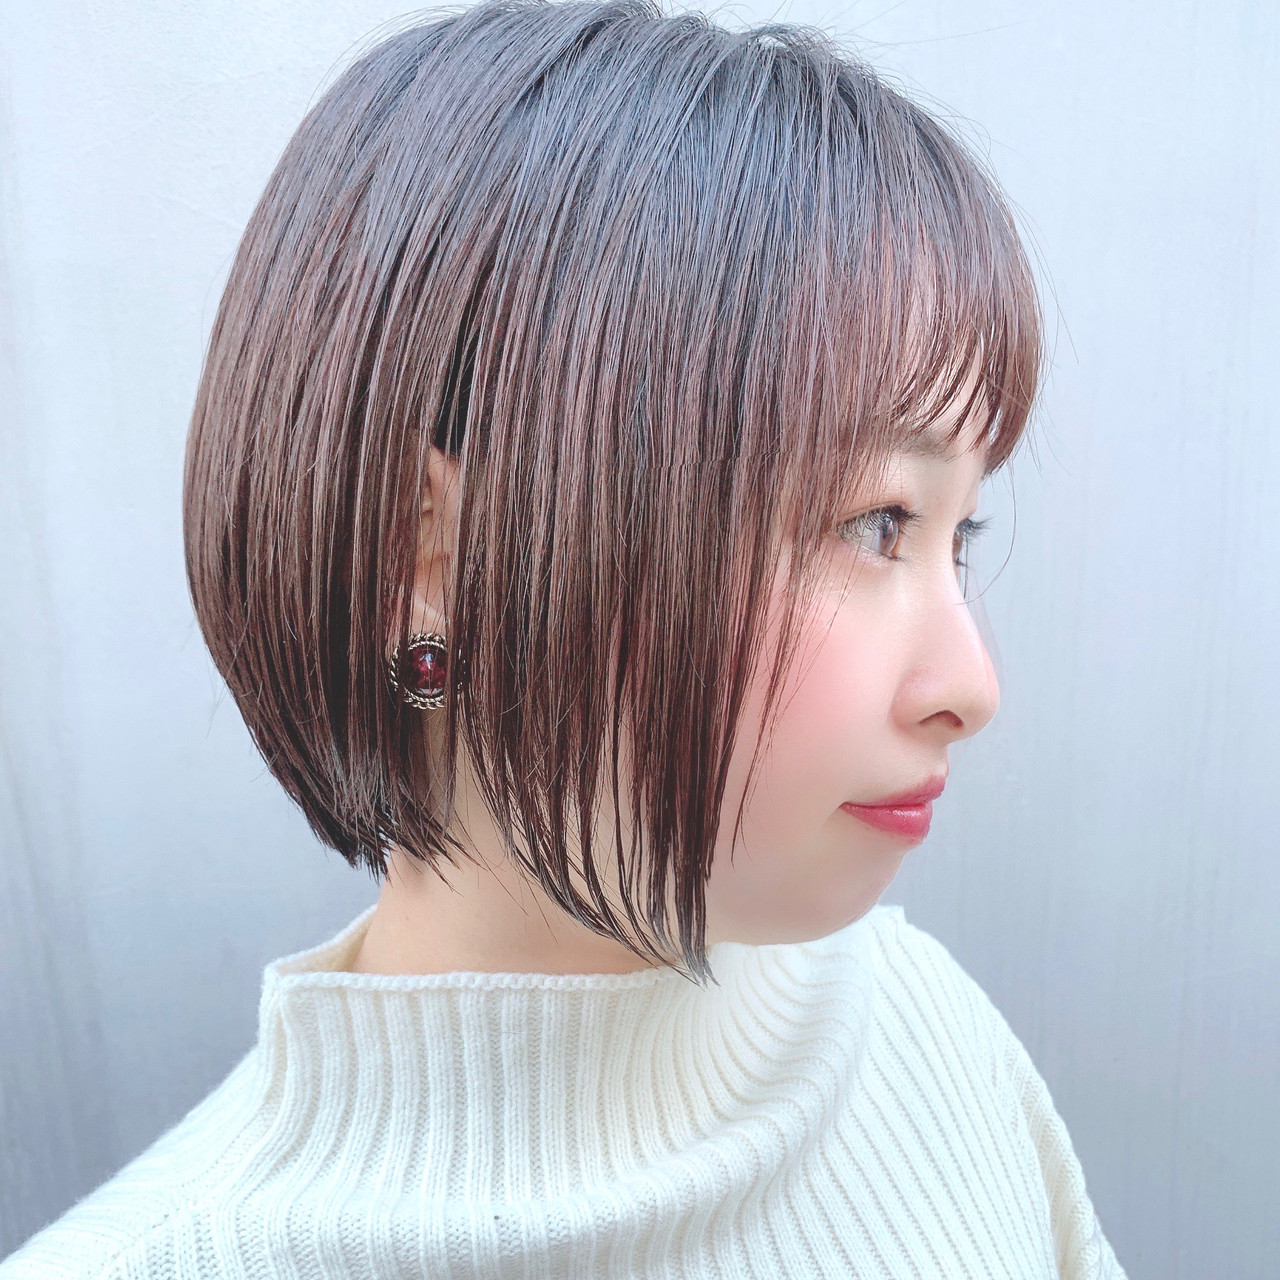 フェミニン ショートヘア グラデーションボブ ボブ ヘアスタイルや髪型の写真・画像 | 川原梨央 / モリオフロムロンドン